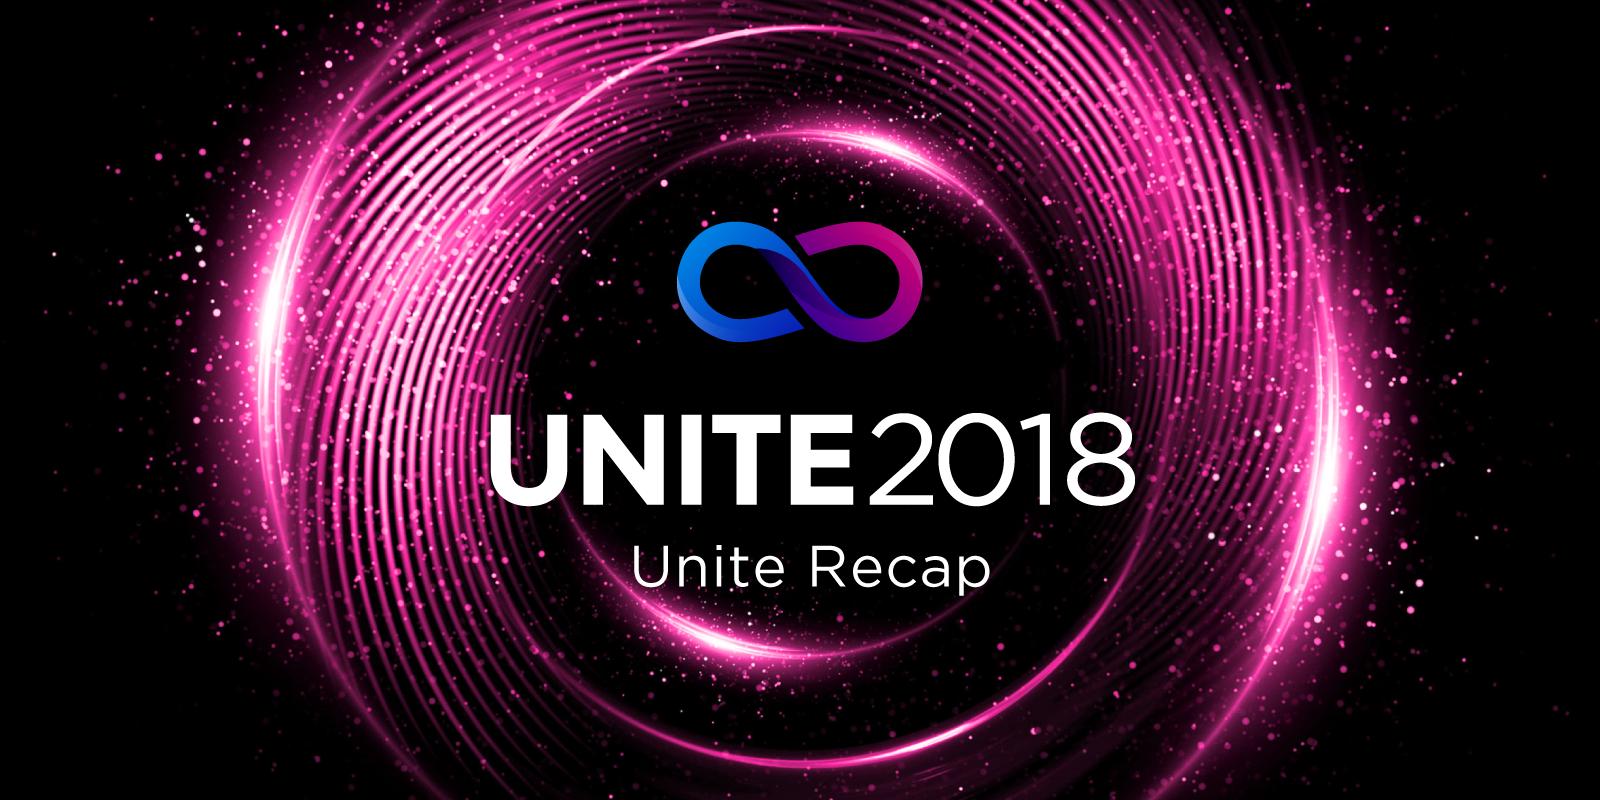 Unite2018-Recap-Social